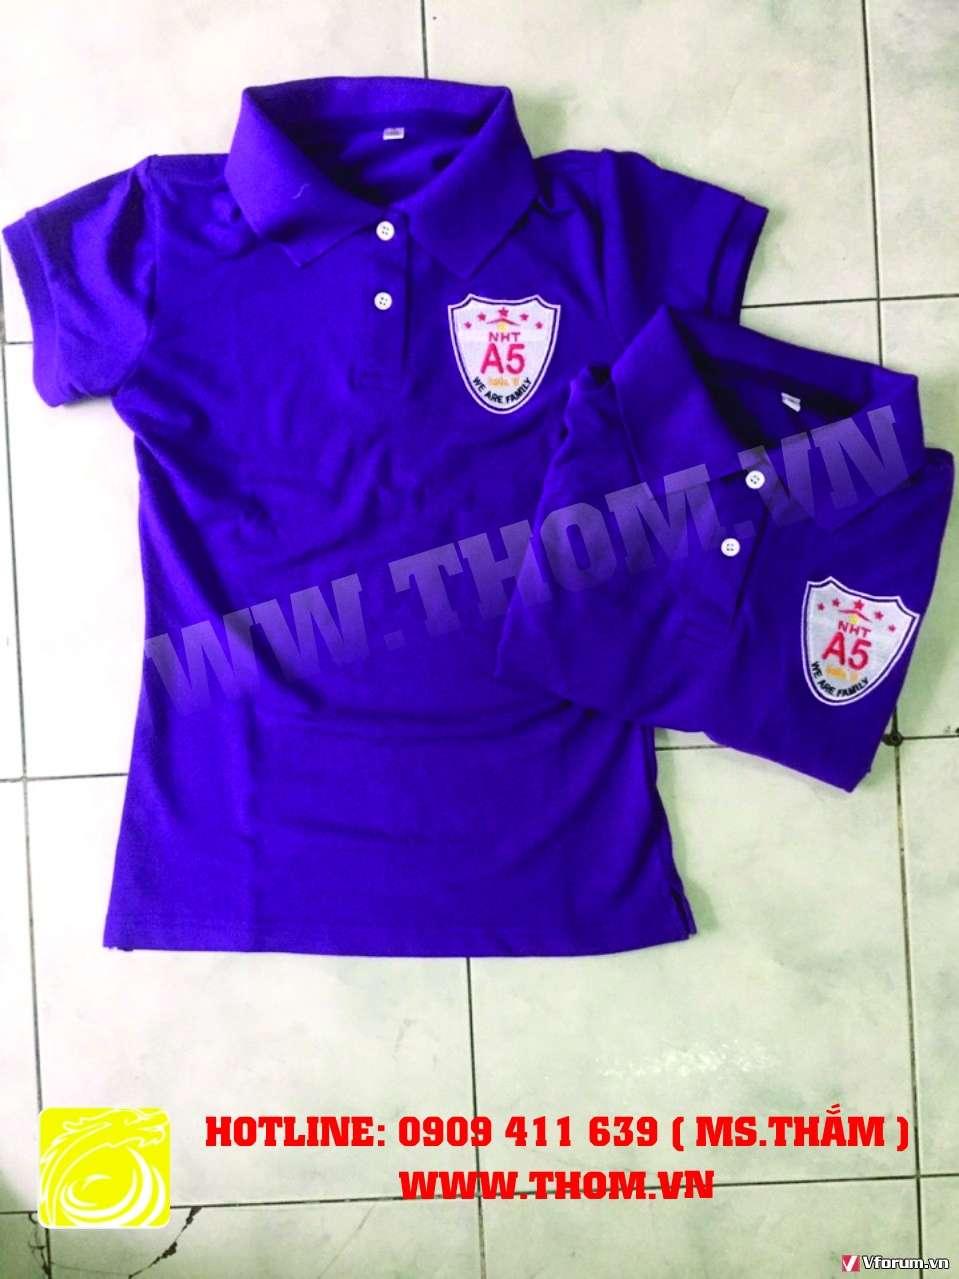 Xưởng may áo thun quảng cáo, áo thun đồng phục, áo thun sự kiện 0909411639